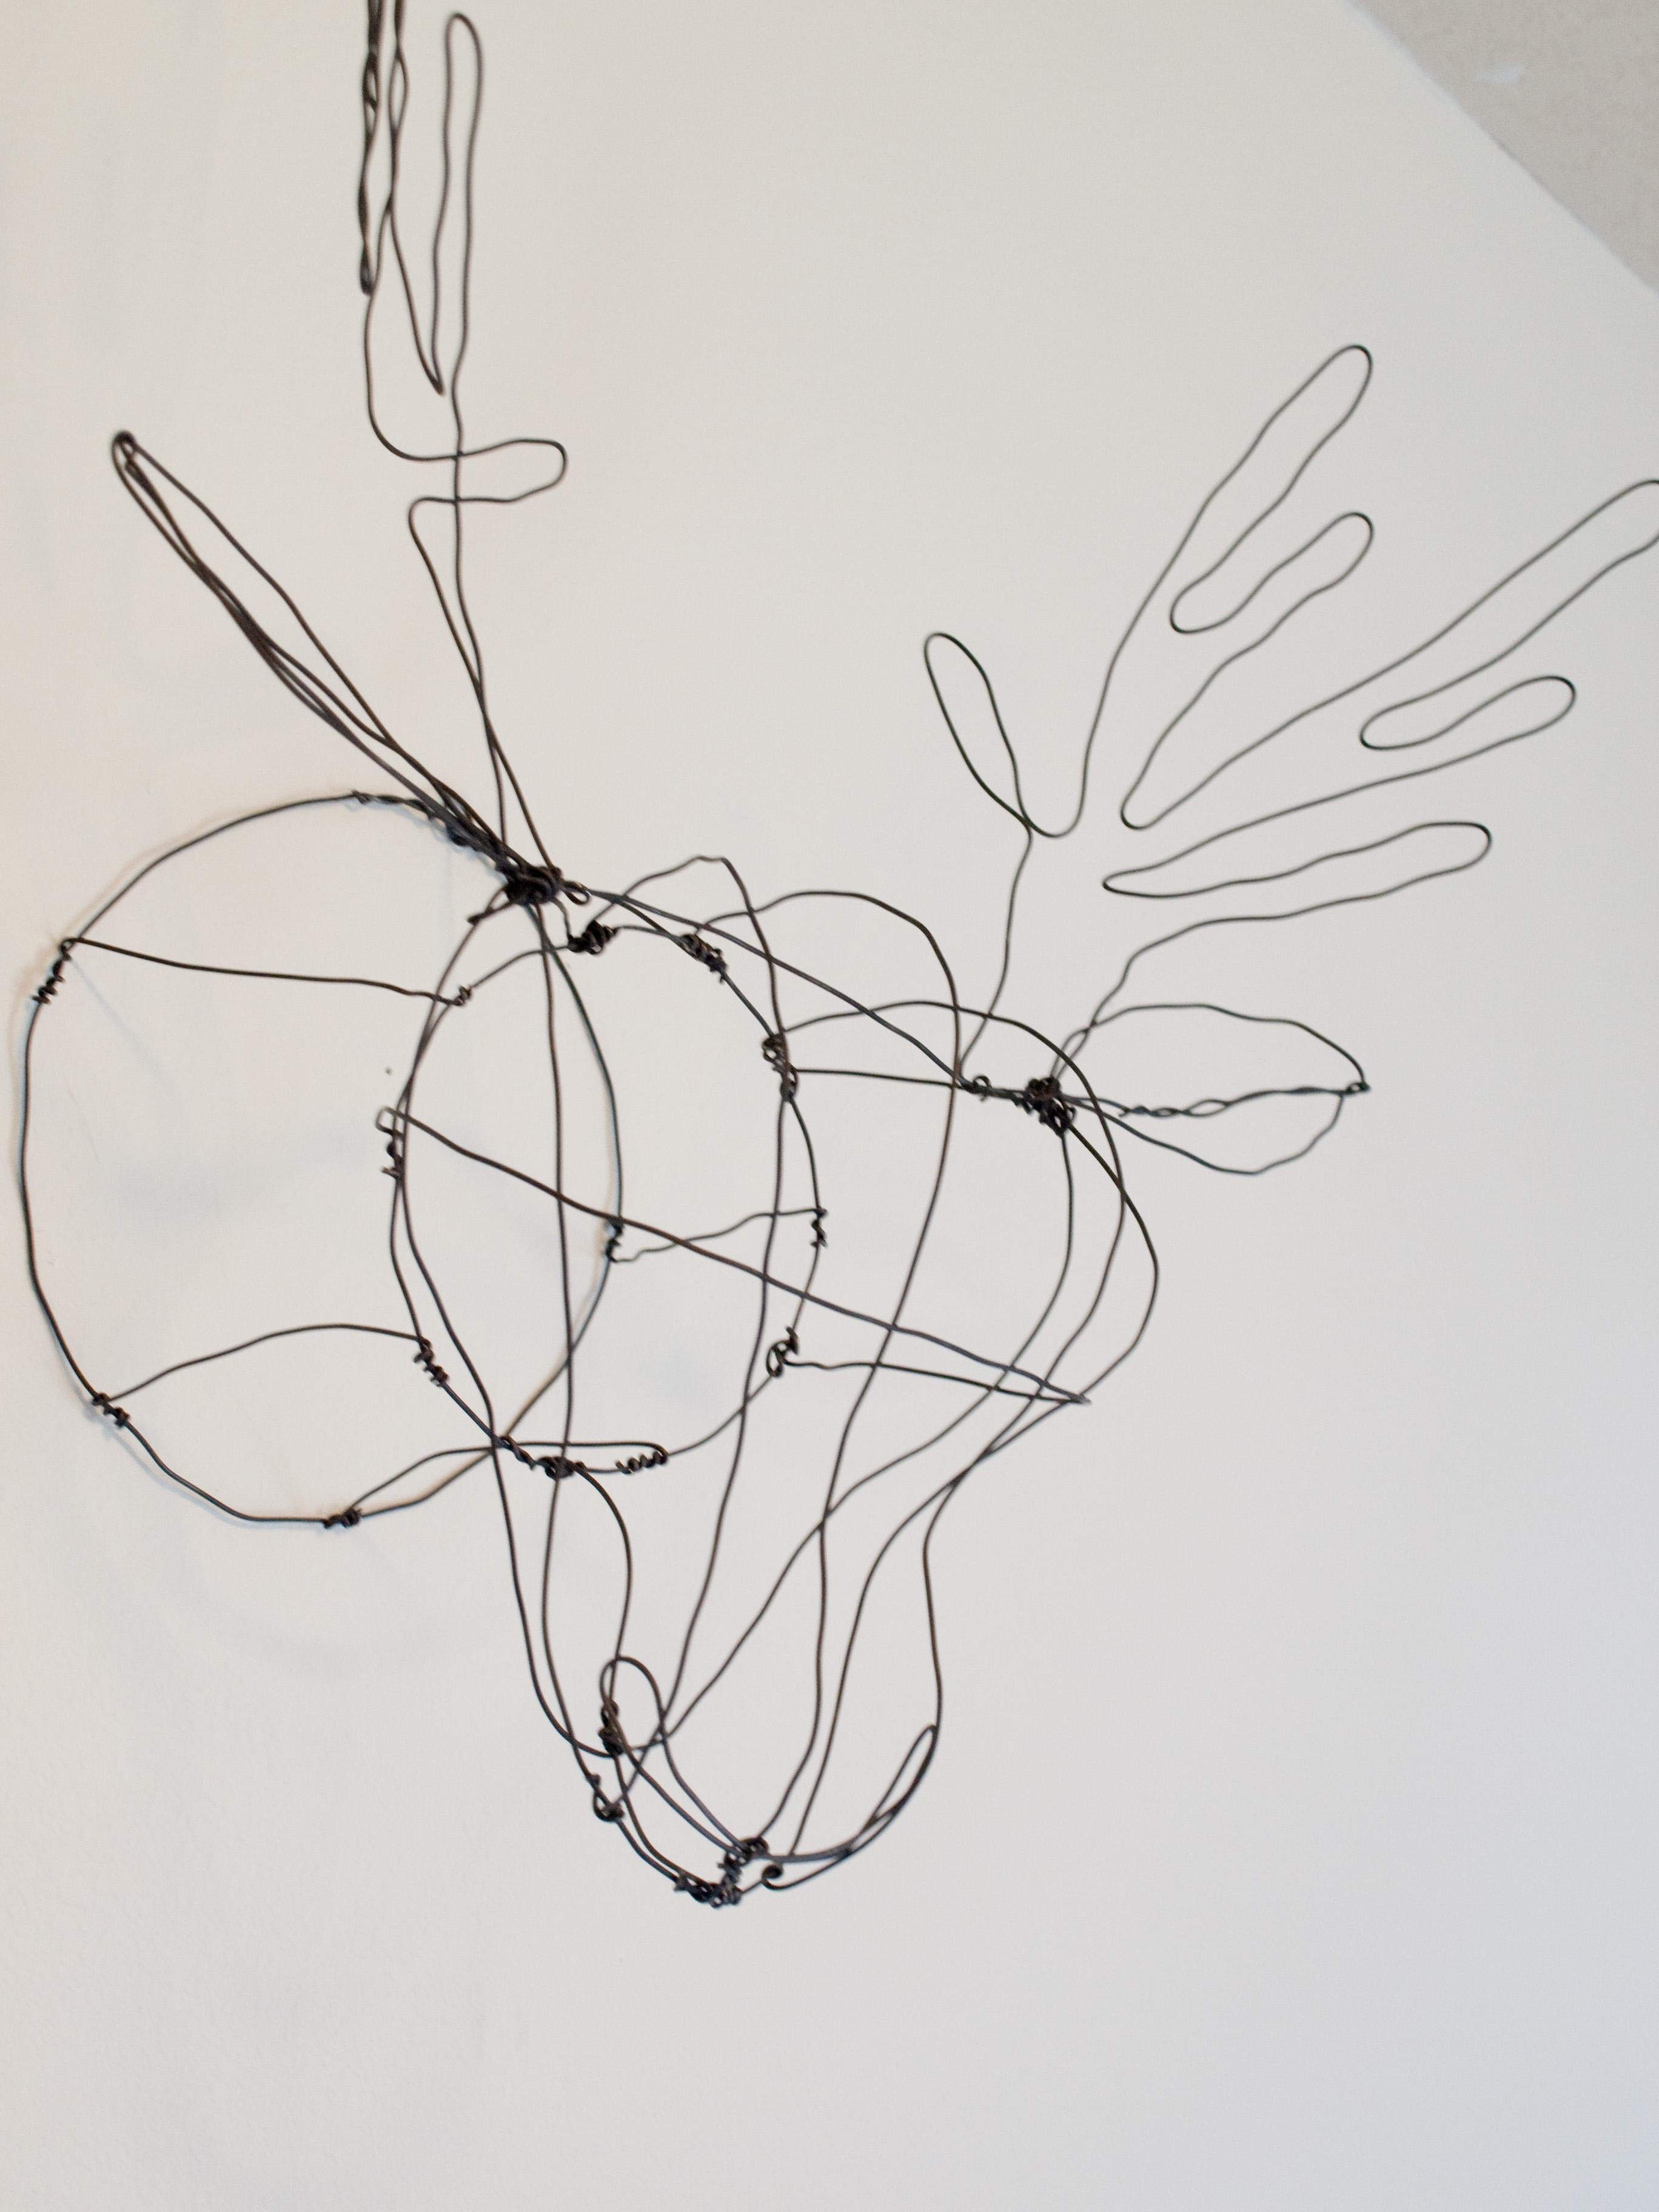 DIY Faux Taxidermy | Wire Deerhead Pinterest Project